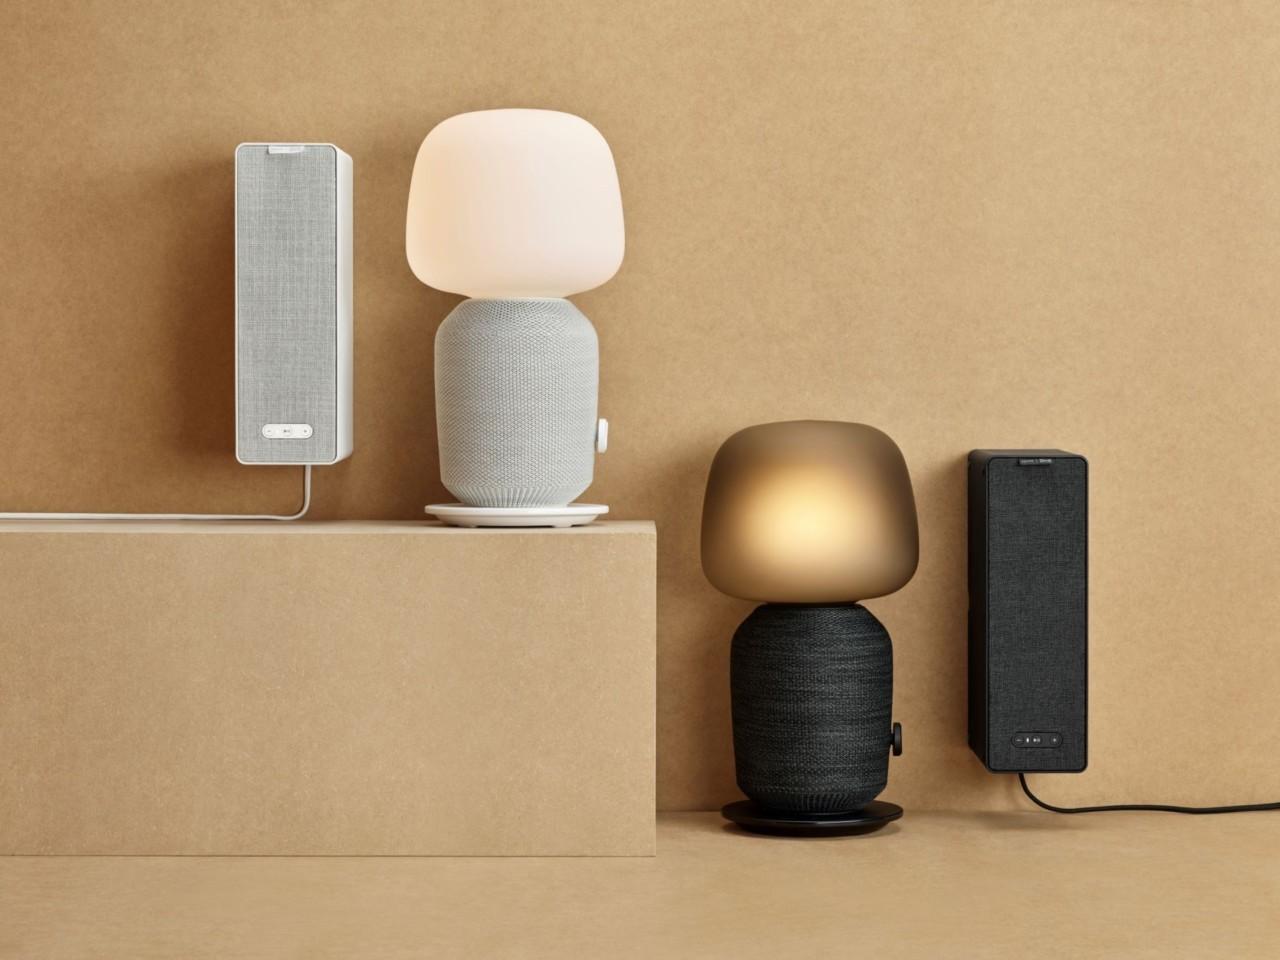 L'enceinte Sonos d'IKEA prend la forme d'une lampe